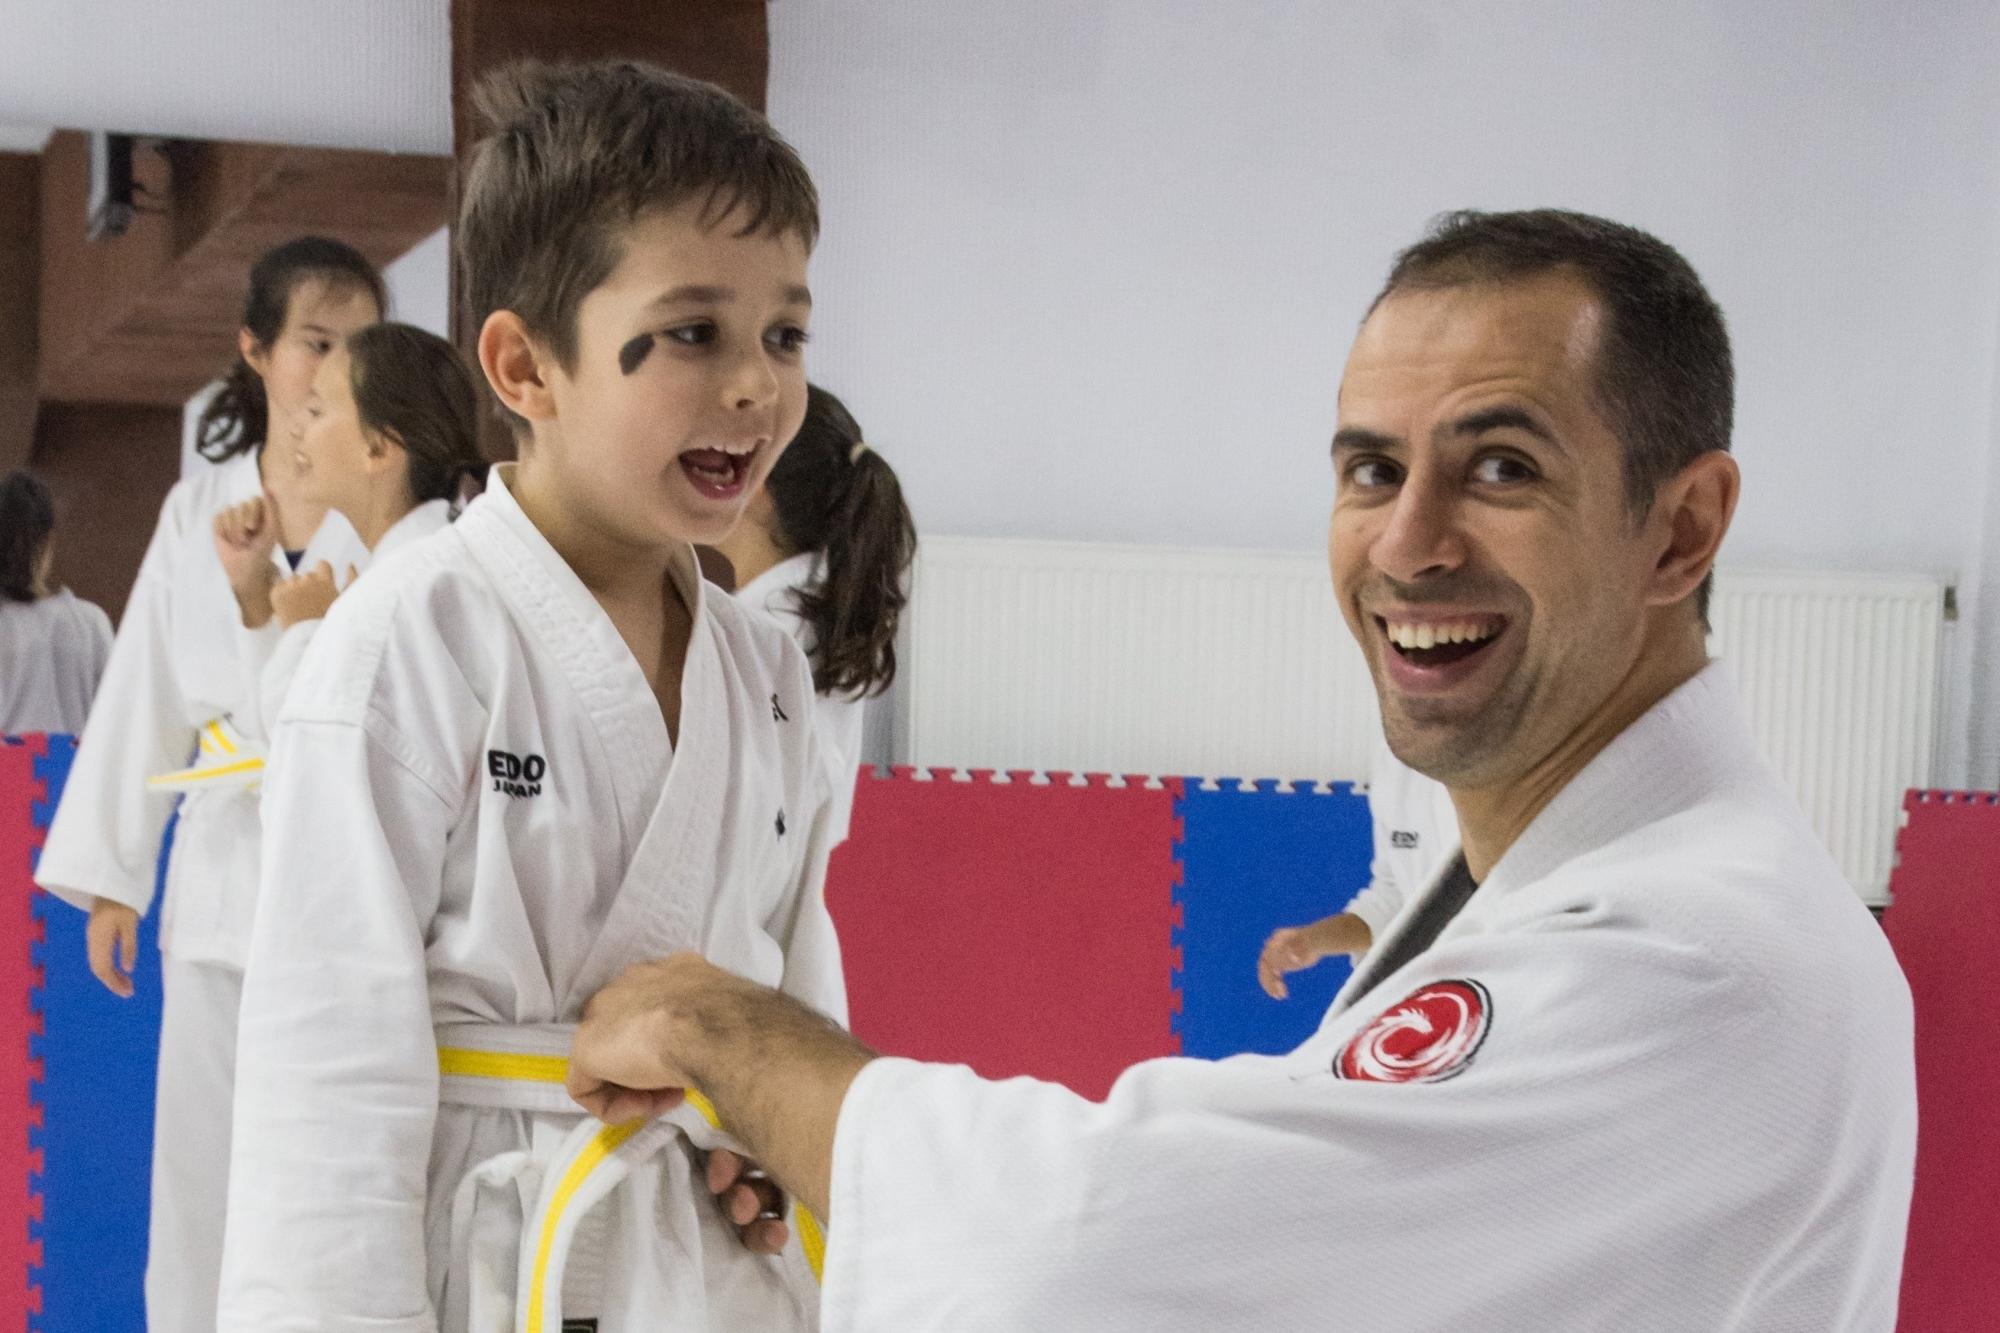 Curs de autoaparare pentru copii și adulți, jujutsu pentru începători și avansați, luptă la sol, ne waza, judo, grupe începători, proiectări, imobilizări, strangulări, grappling, jujutsu, jiu jitsu, bjj, brasilian jiu jitsu, gjj, gracie jiu jitsu, autoapărare, București, Jigoro Kano, Helio Gracie